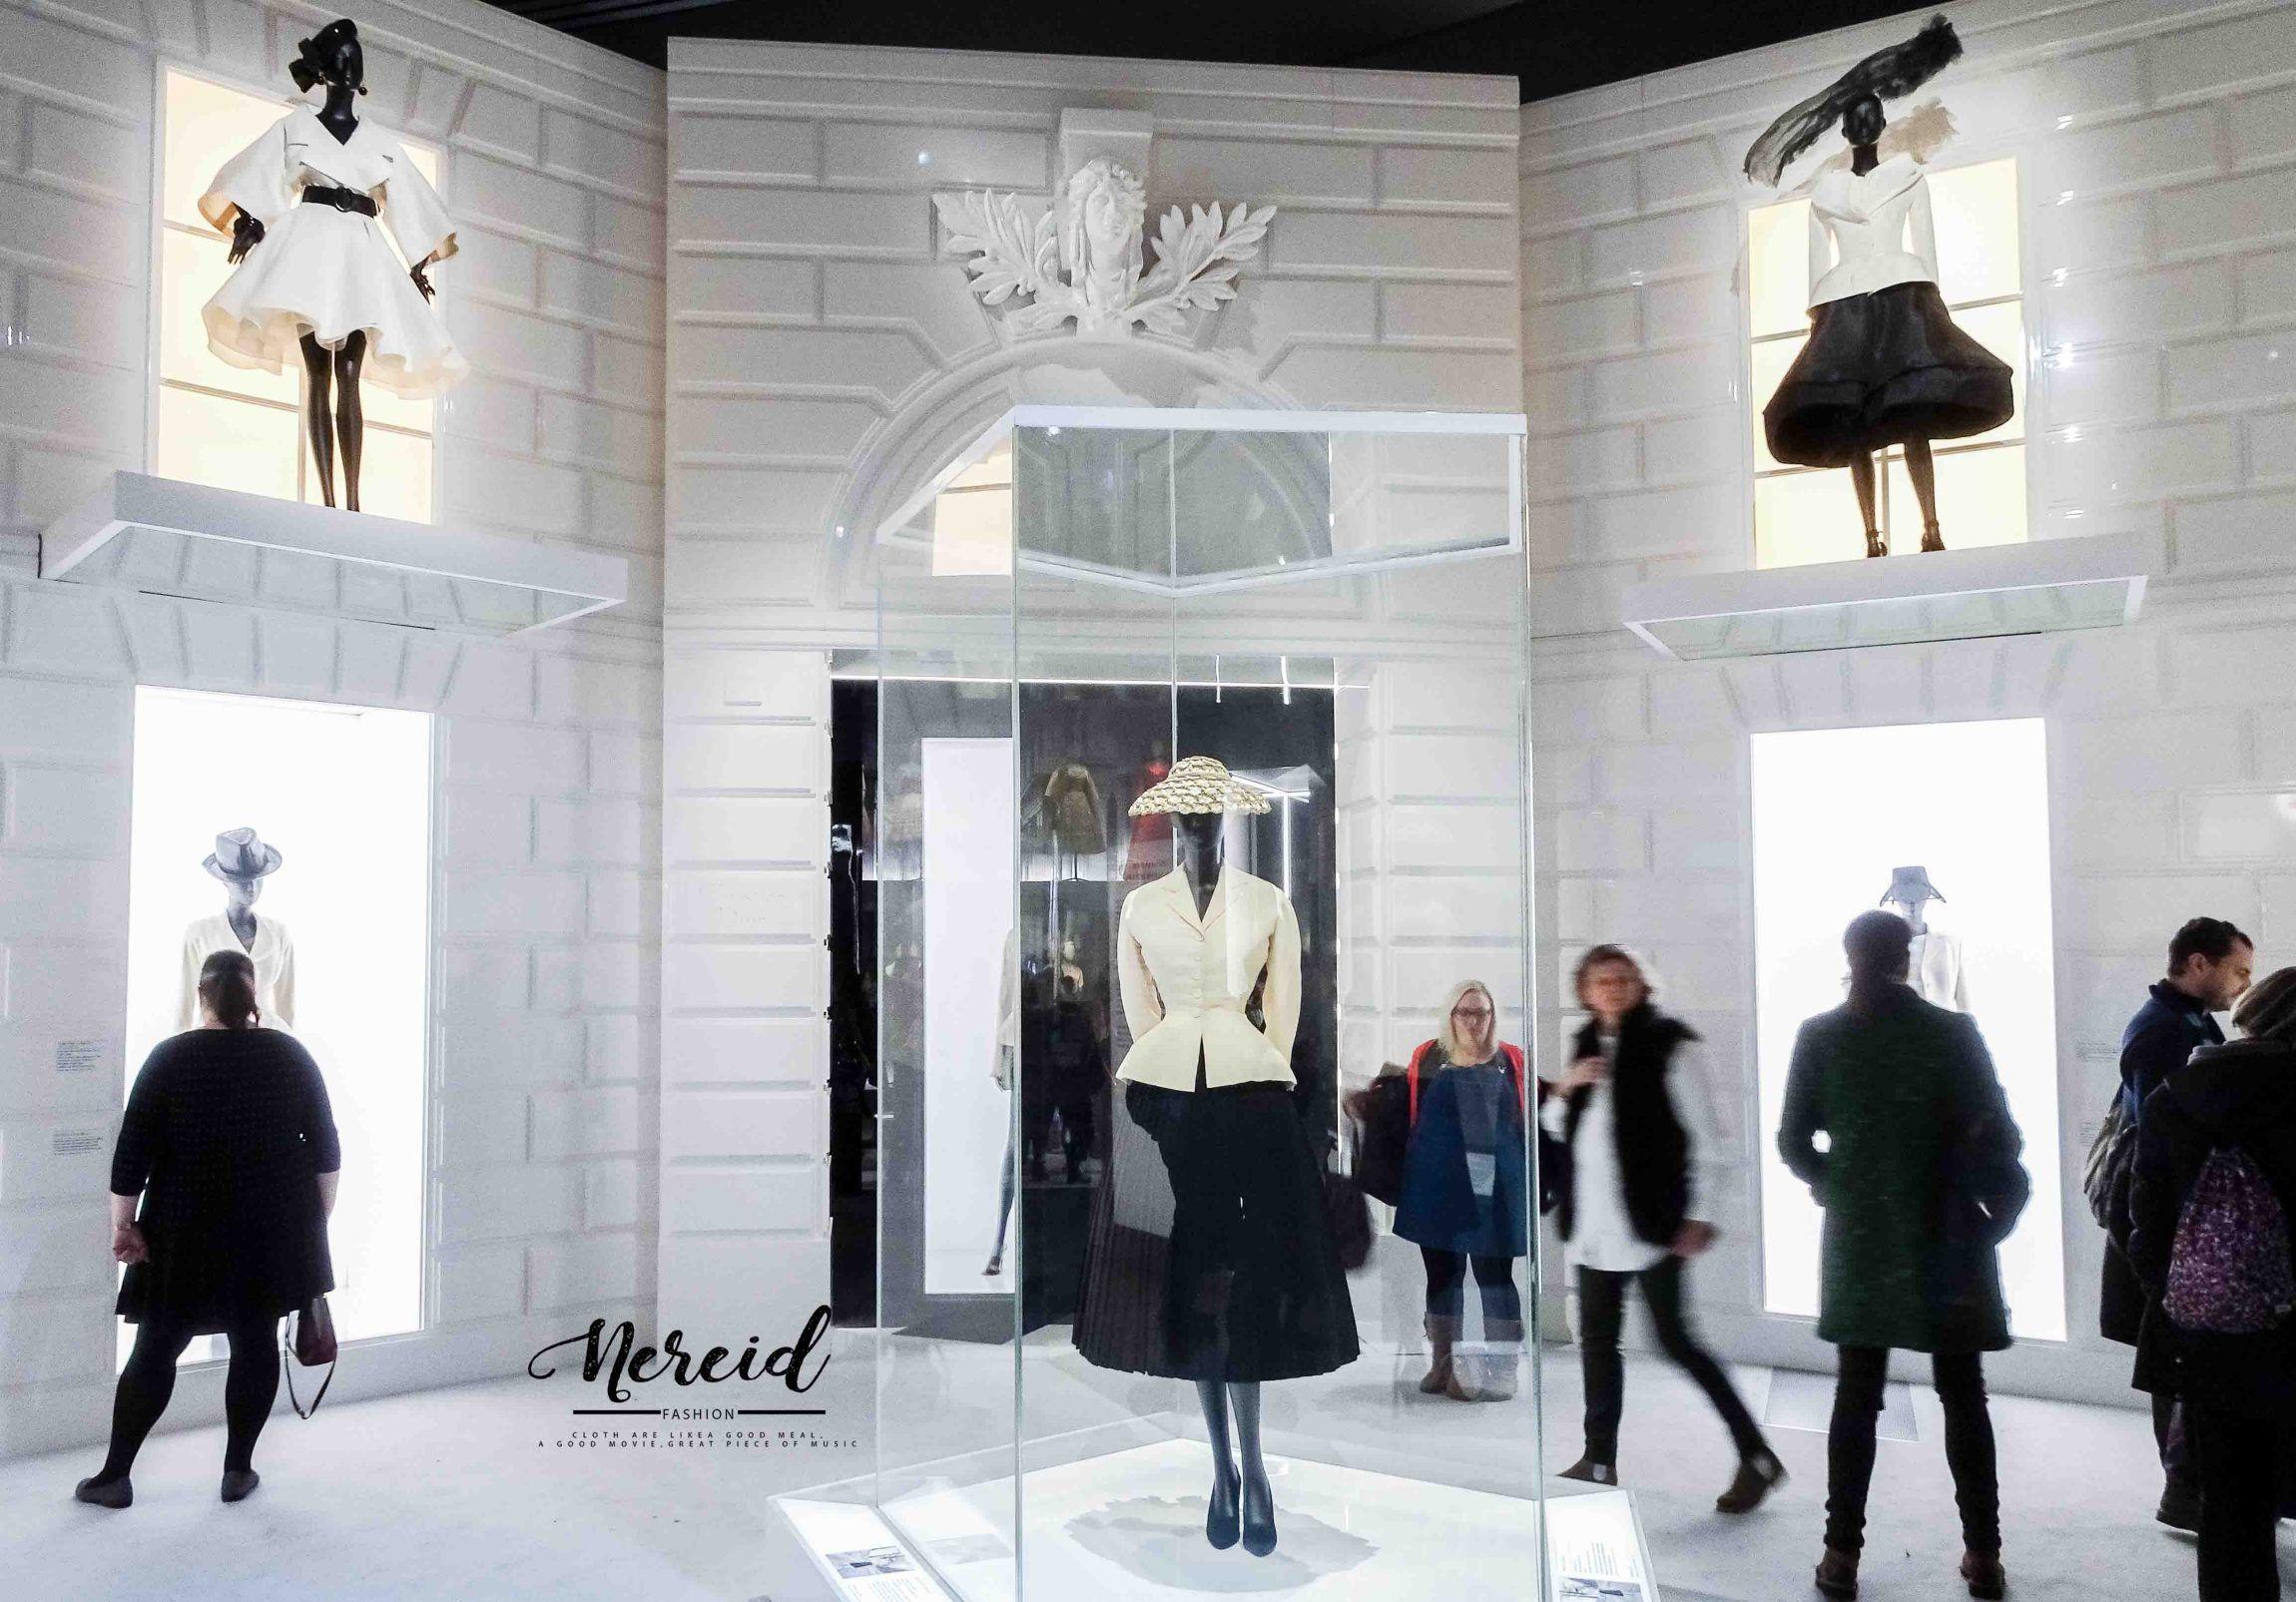 V&A Exhibition  London  UK|Christian Dior: Designer of